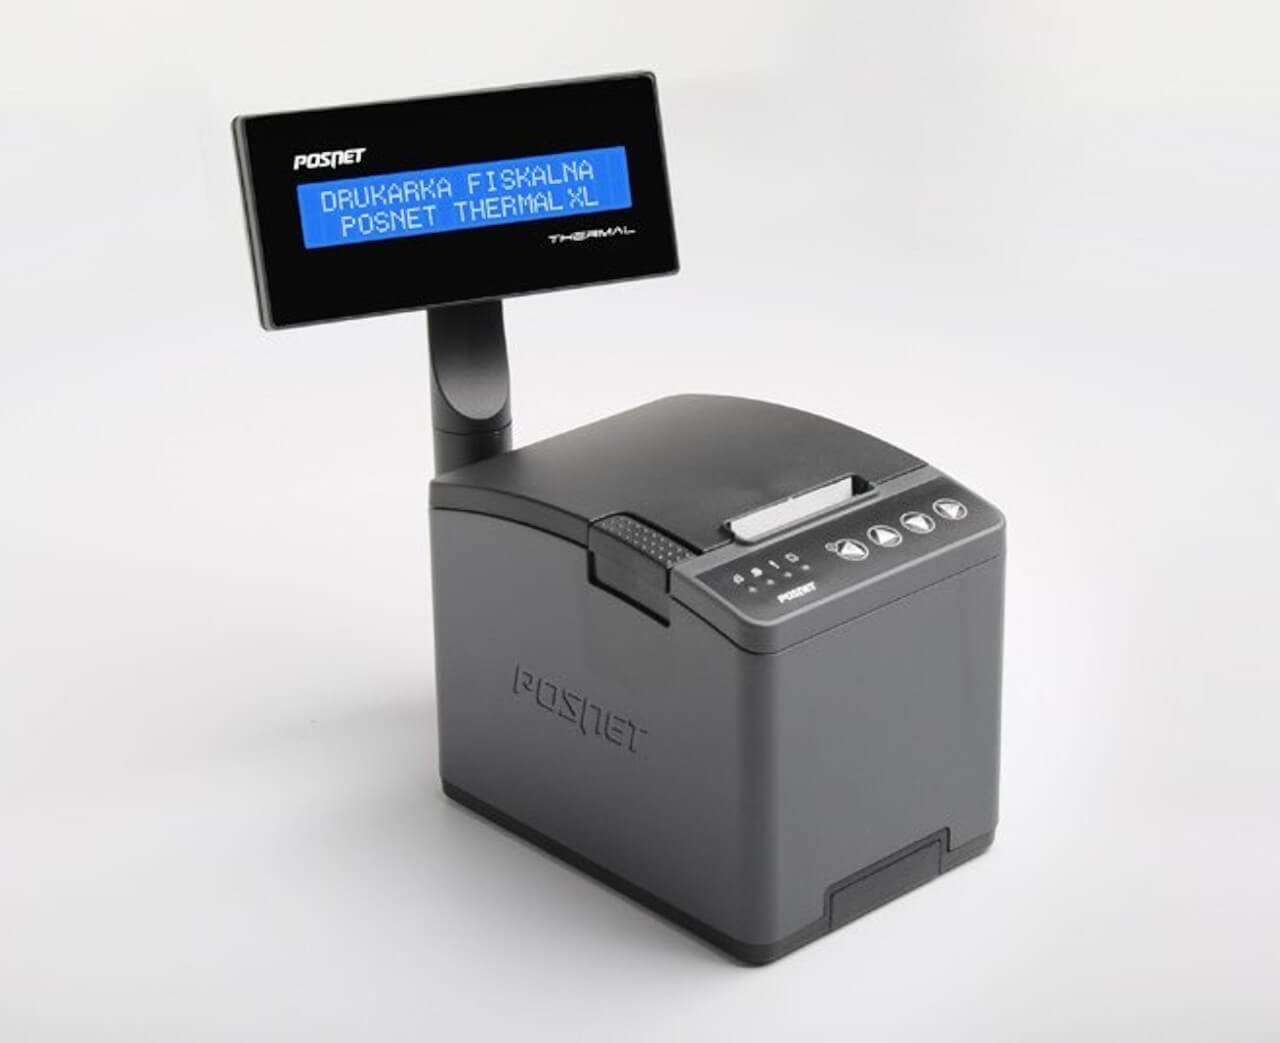 Posnet Drukarka Fiskalna THERMAL XL2 WiFi Online z wyświetlaczem standardowym POSNETXL2ONLINE